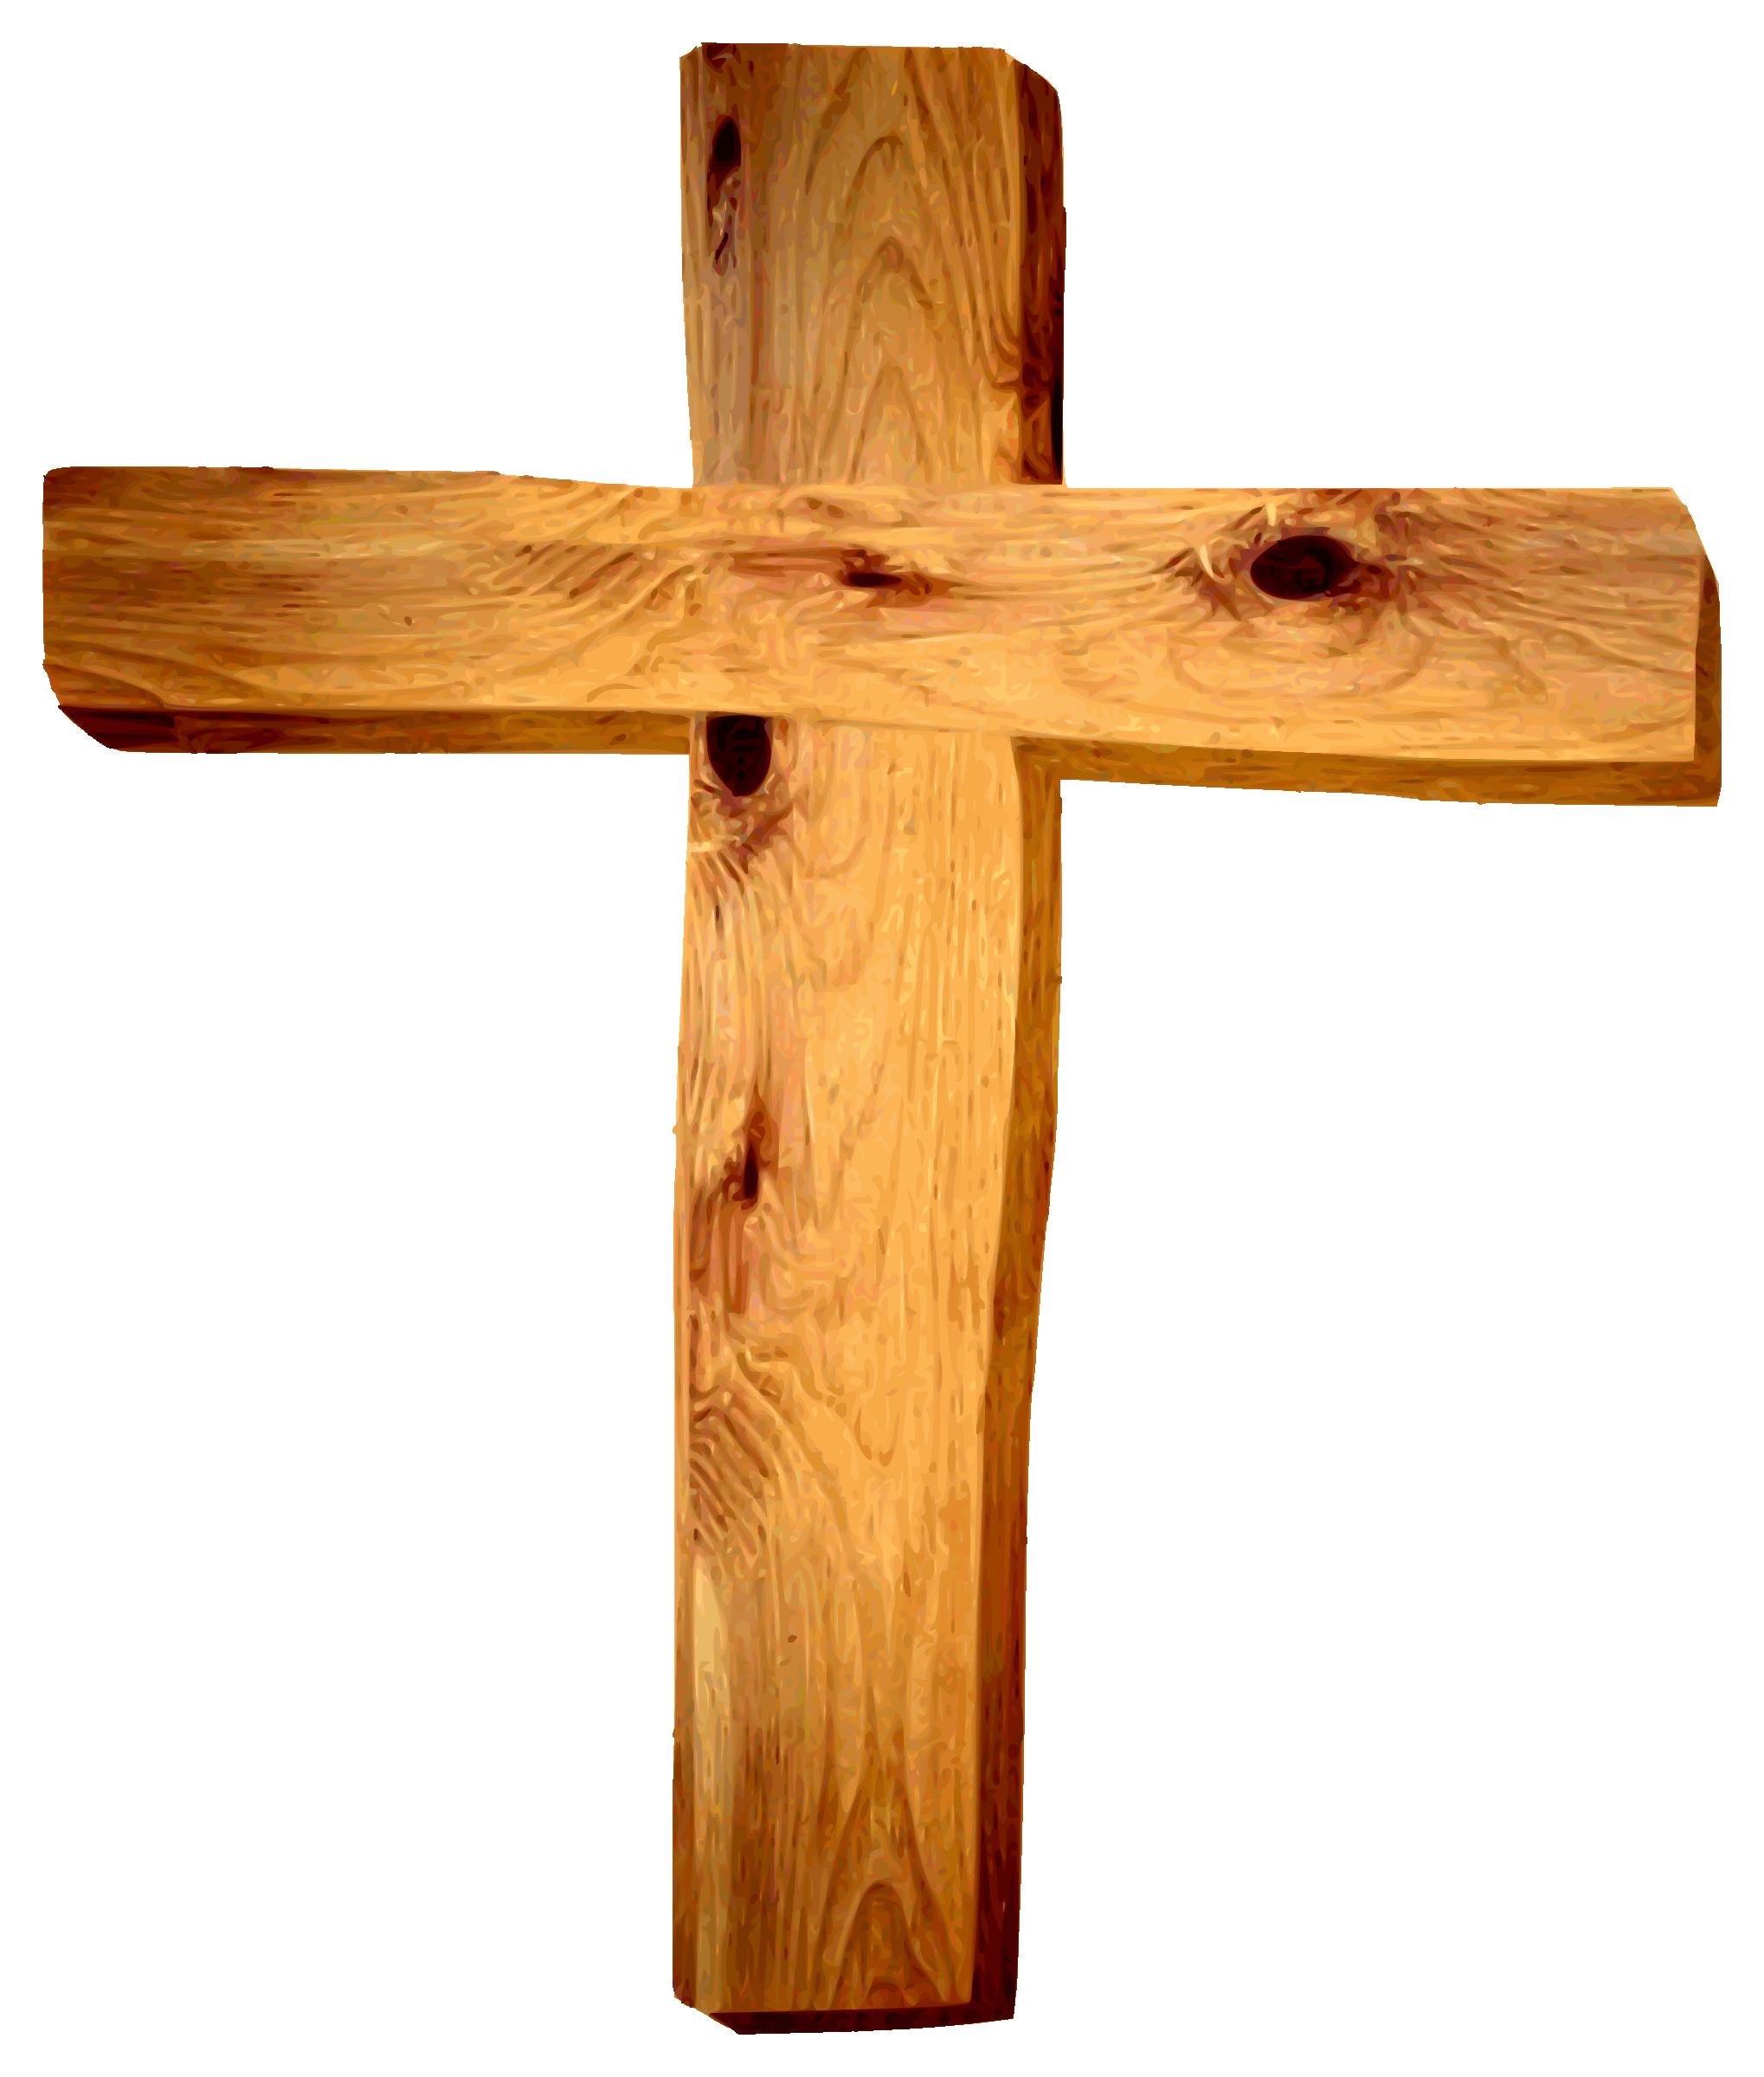 68 Crucifix free clipart.